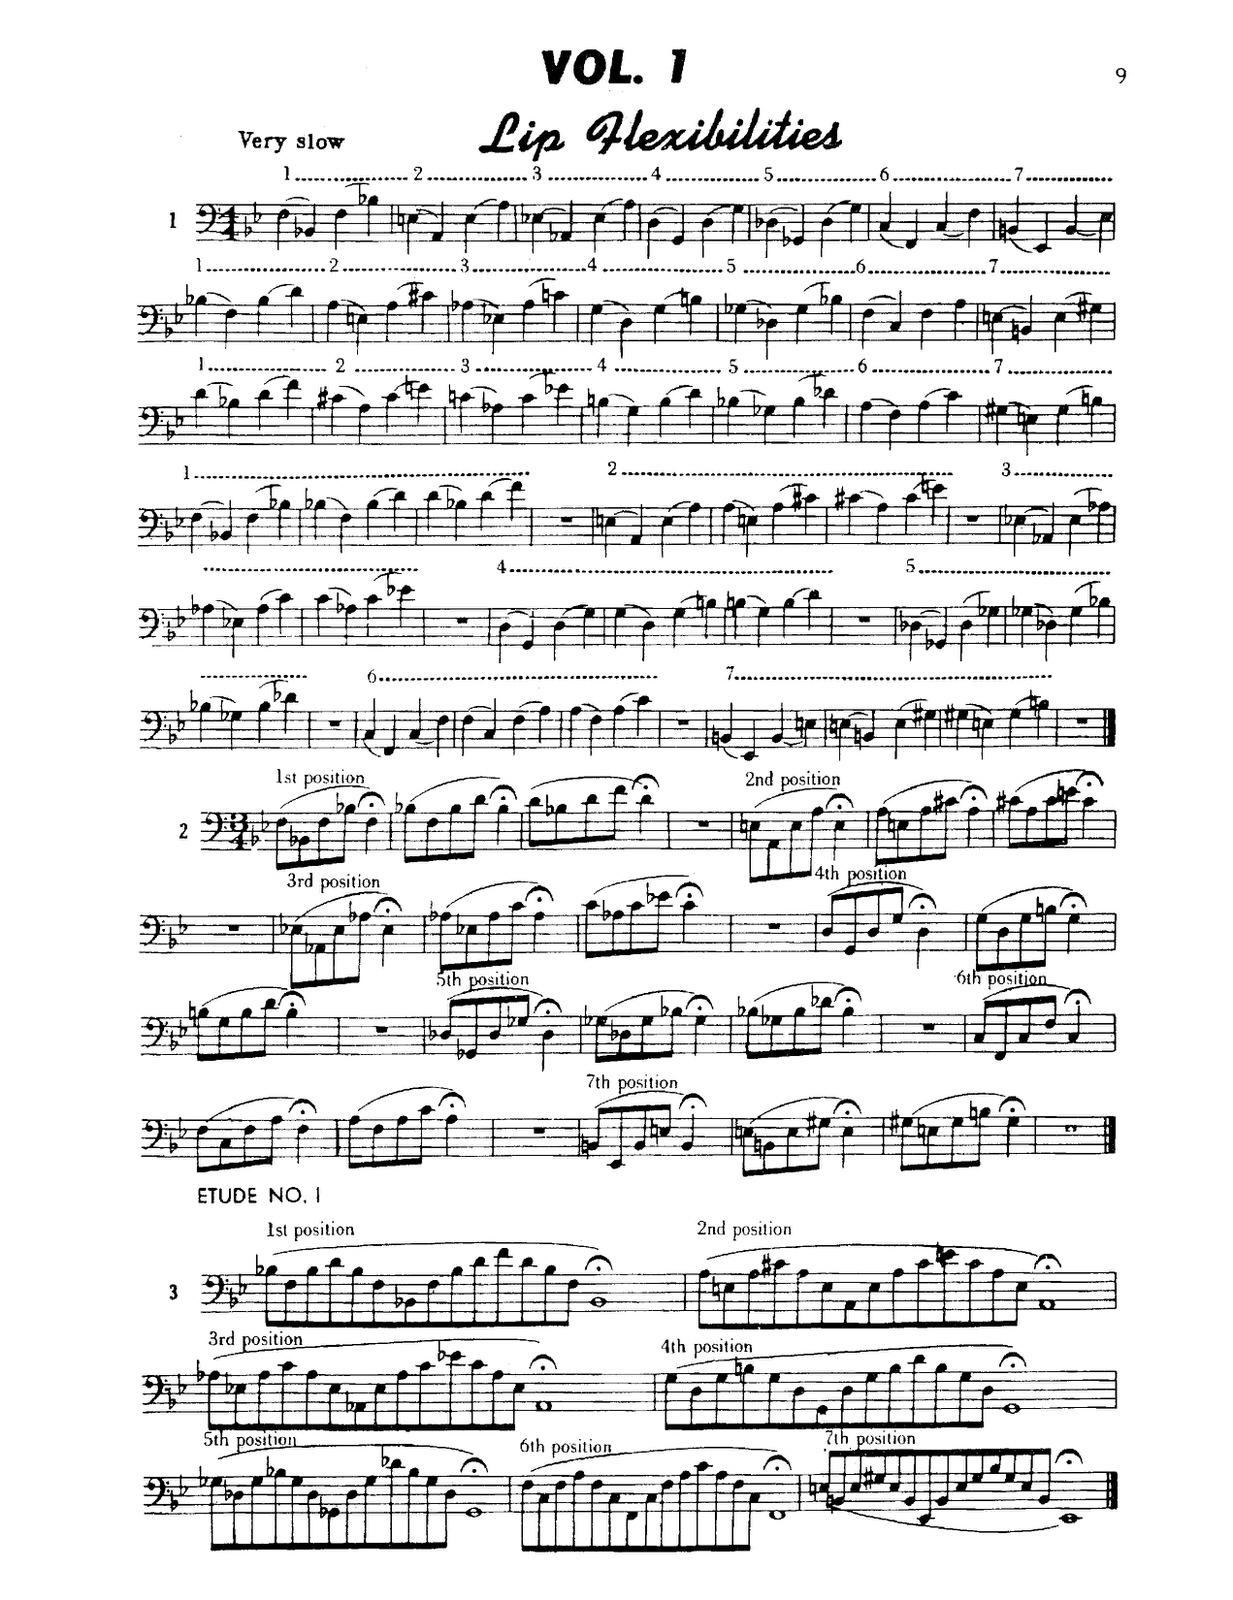 colin-advanced-lip-flexibilities-for-trombone-3